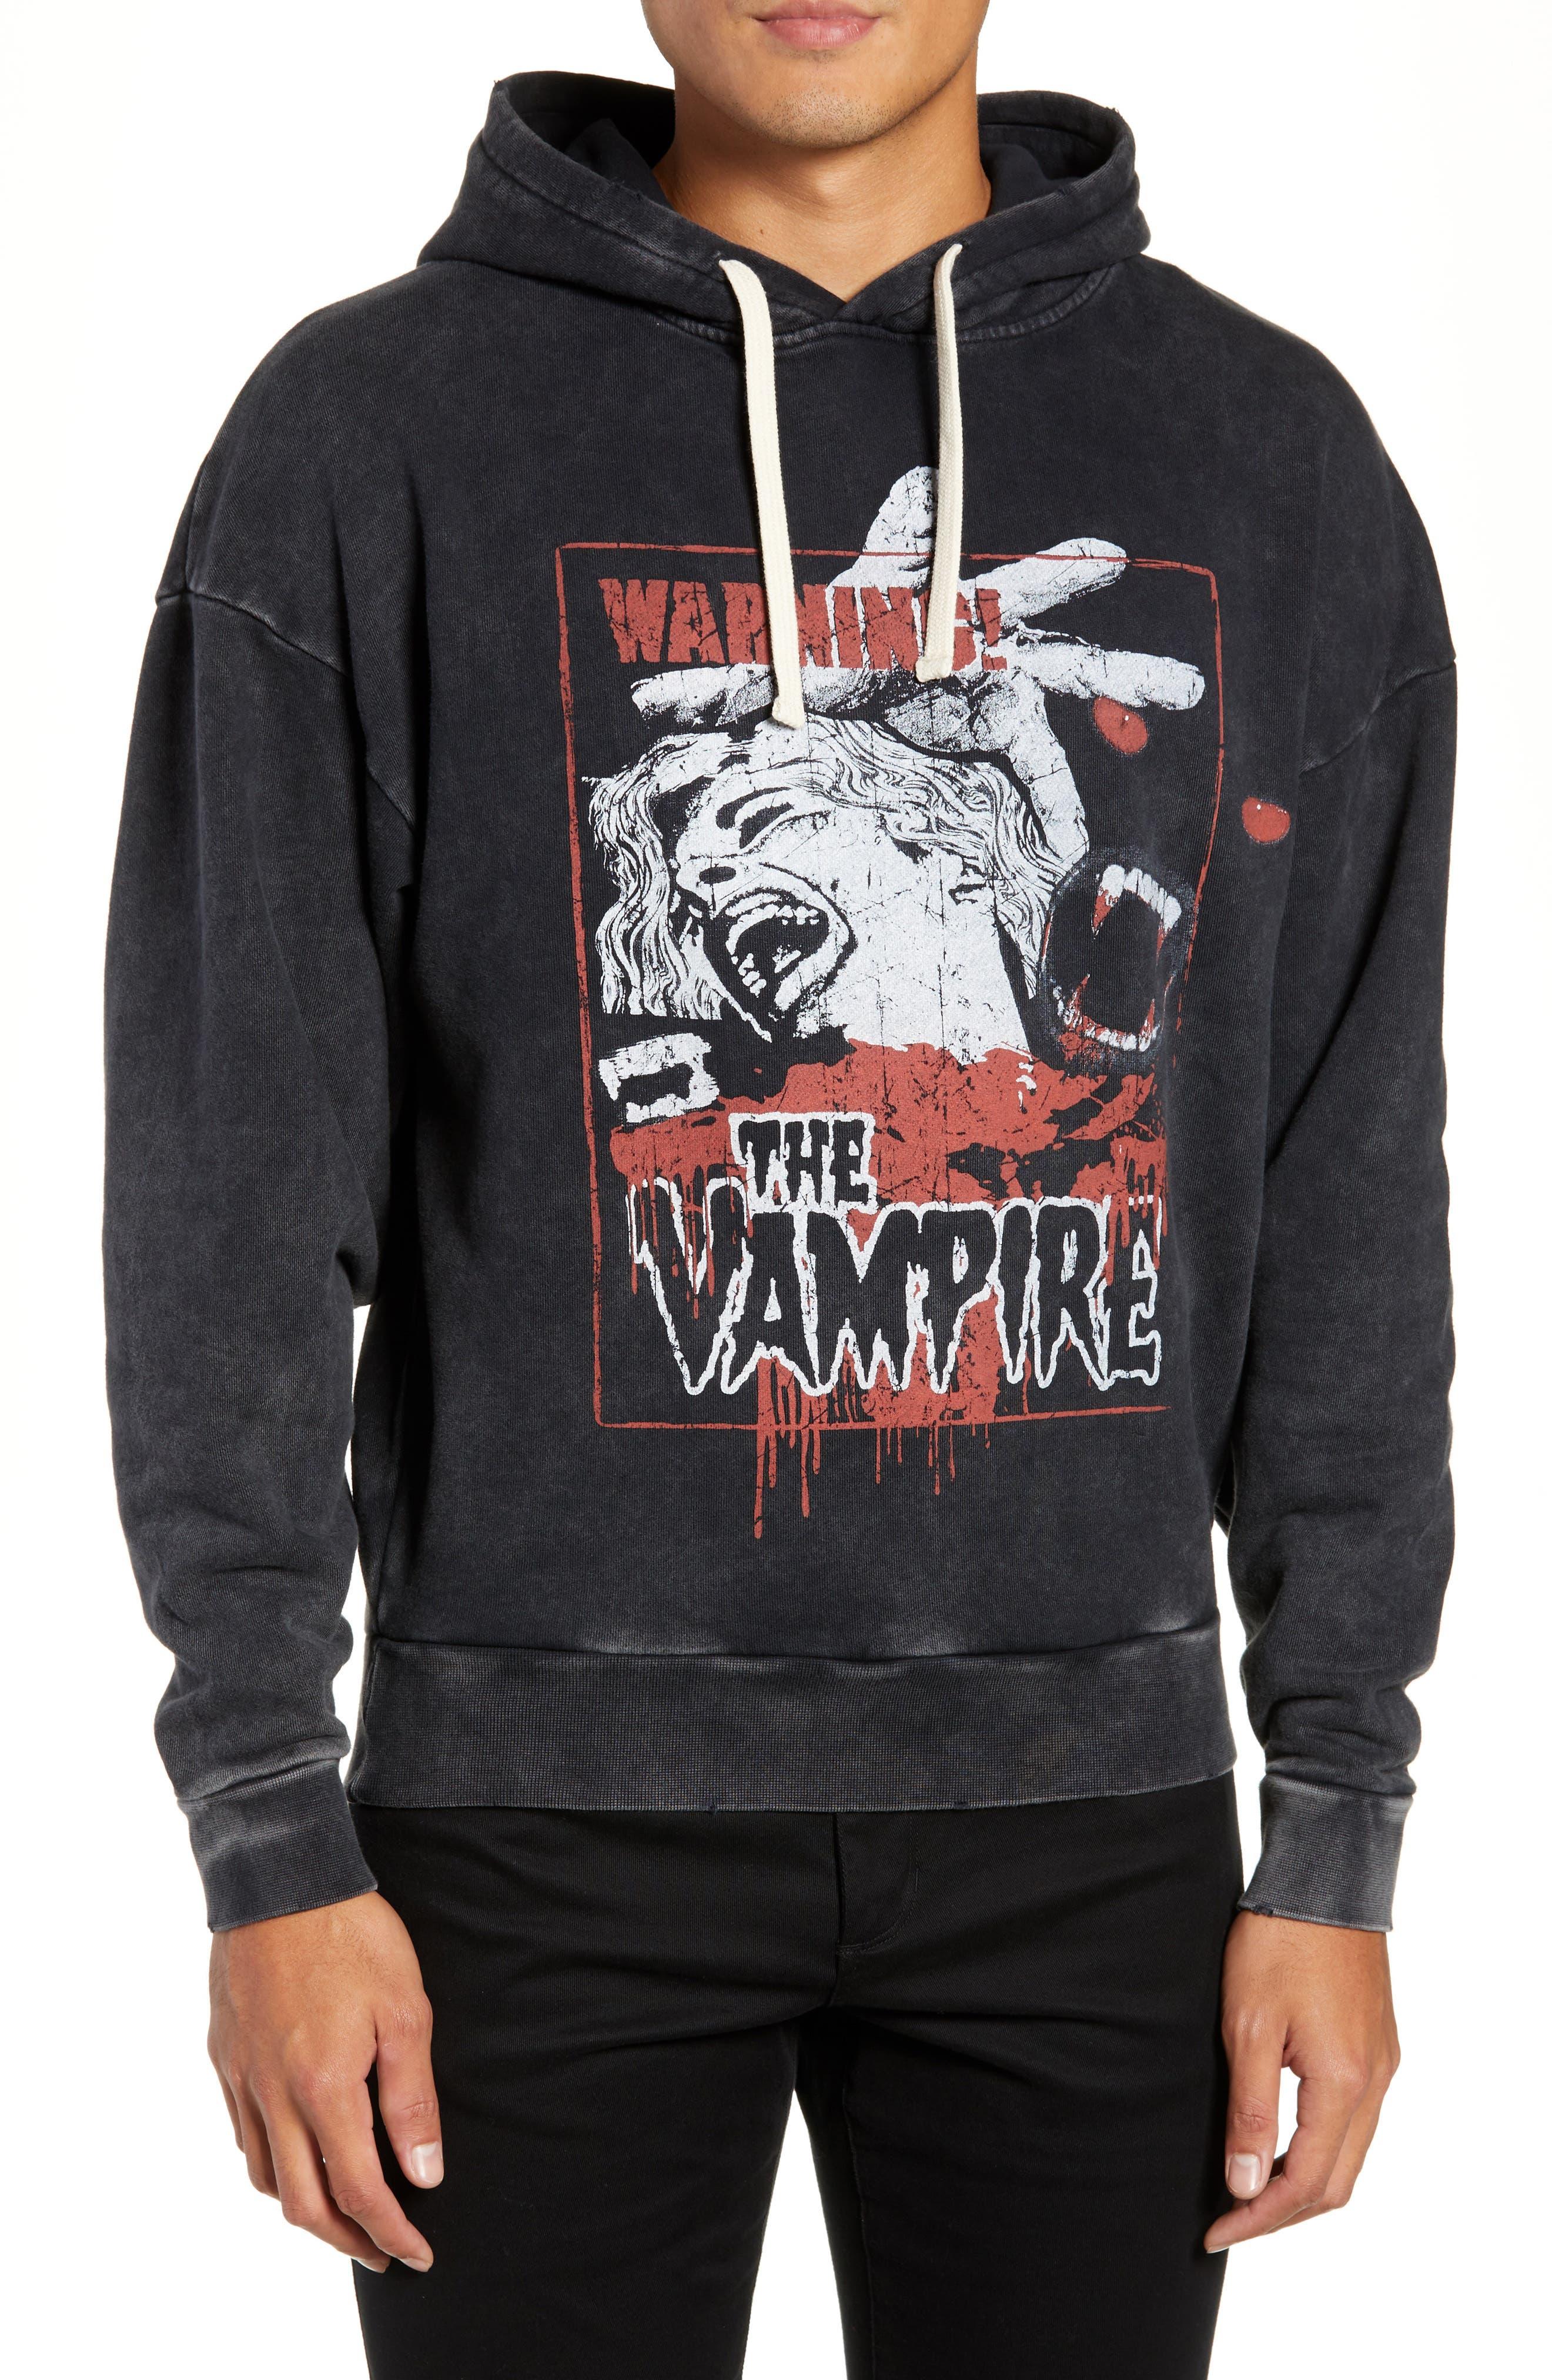 THE KOOPLES Vampire Graphic Hooded Sweatshirt in Black